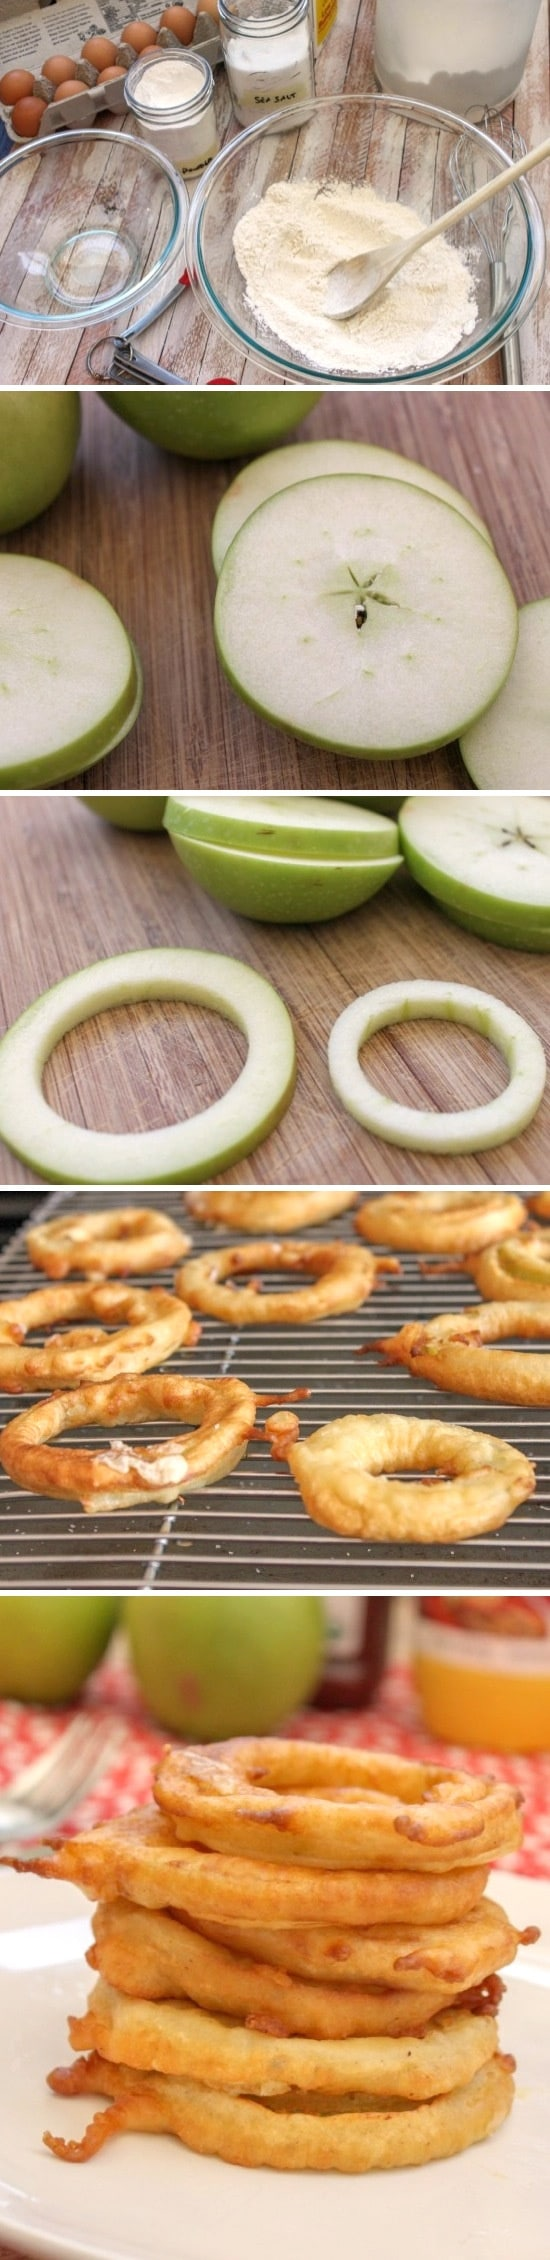 aritos de manzana receta con fruta